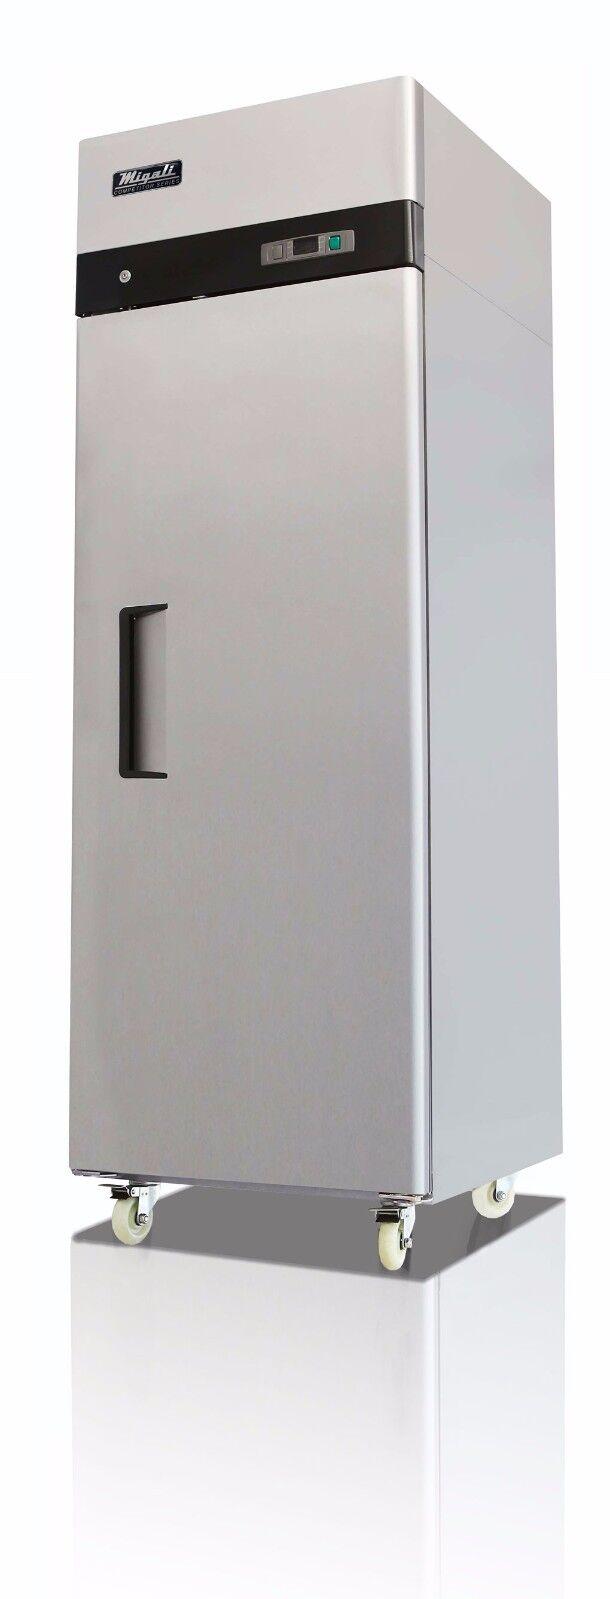 Migali C-1F Commercial Single Door Freezer Reach In 23 Cu.Ft